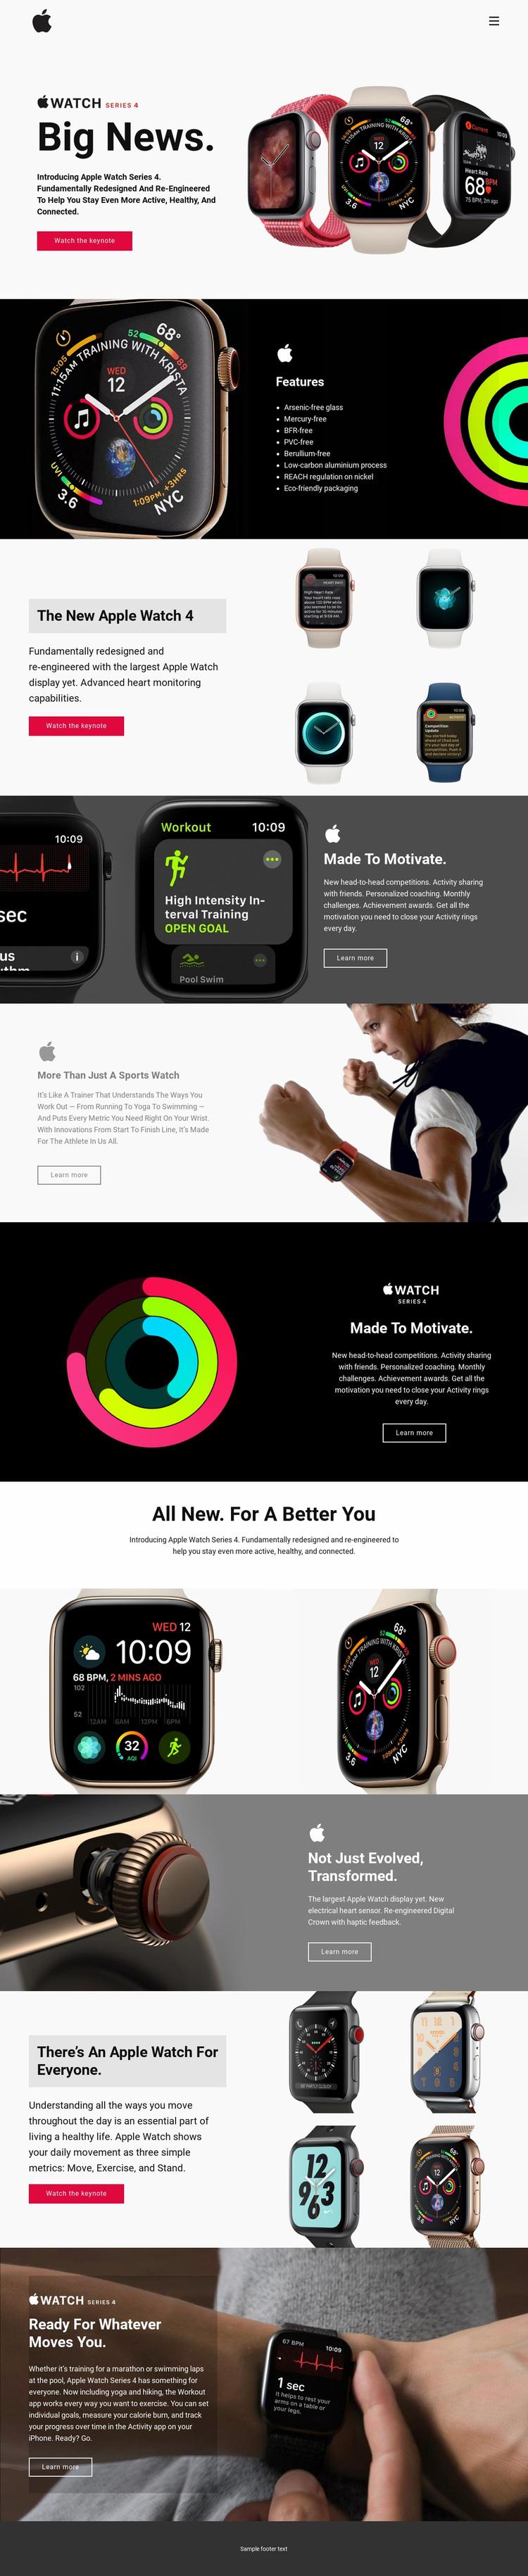 News about technologies Website Design